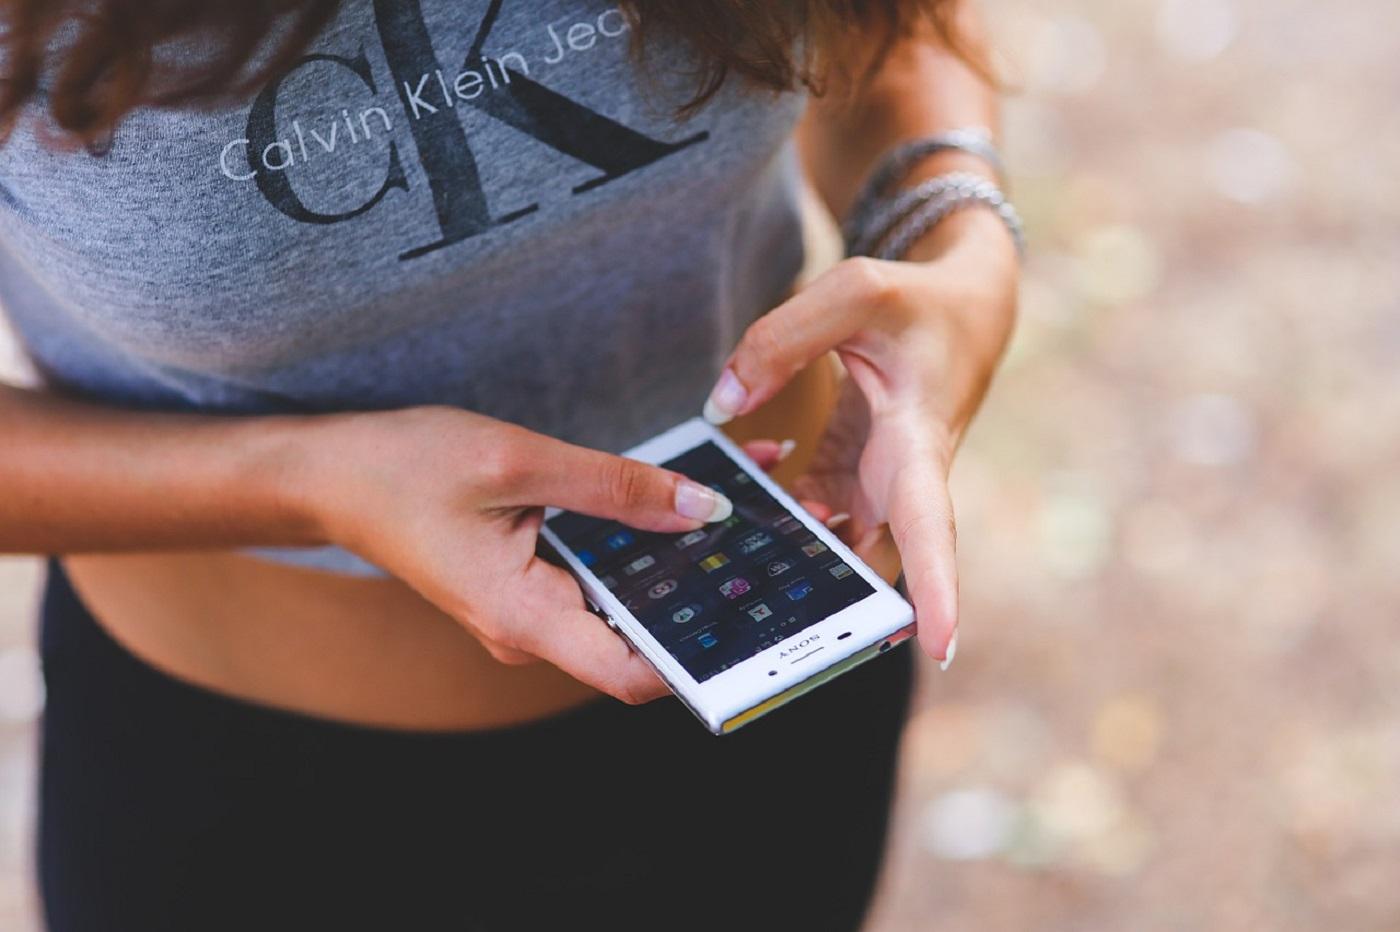 Un sondage révèle l'inquiétante montée en puissance des stalkerwares aux États-Unis